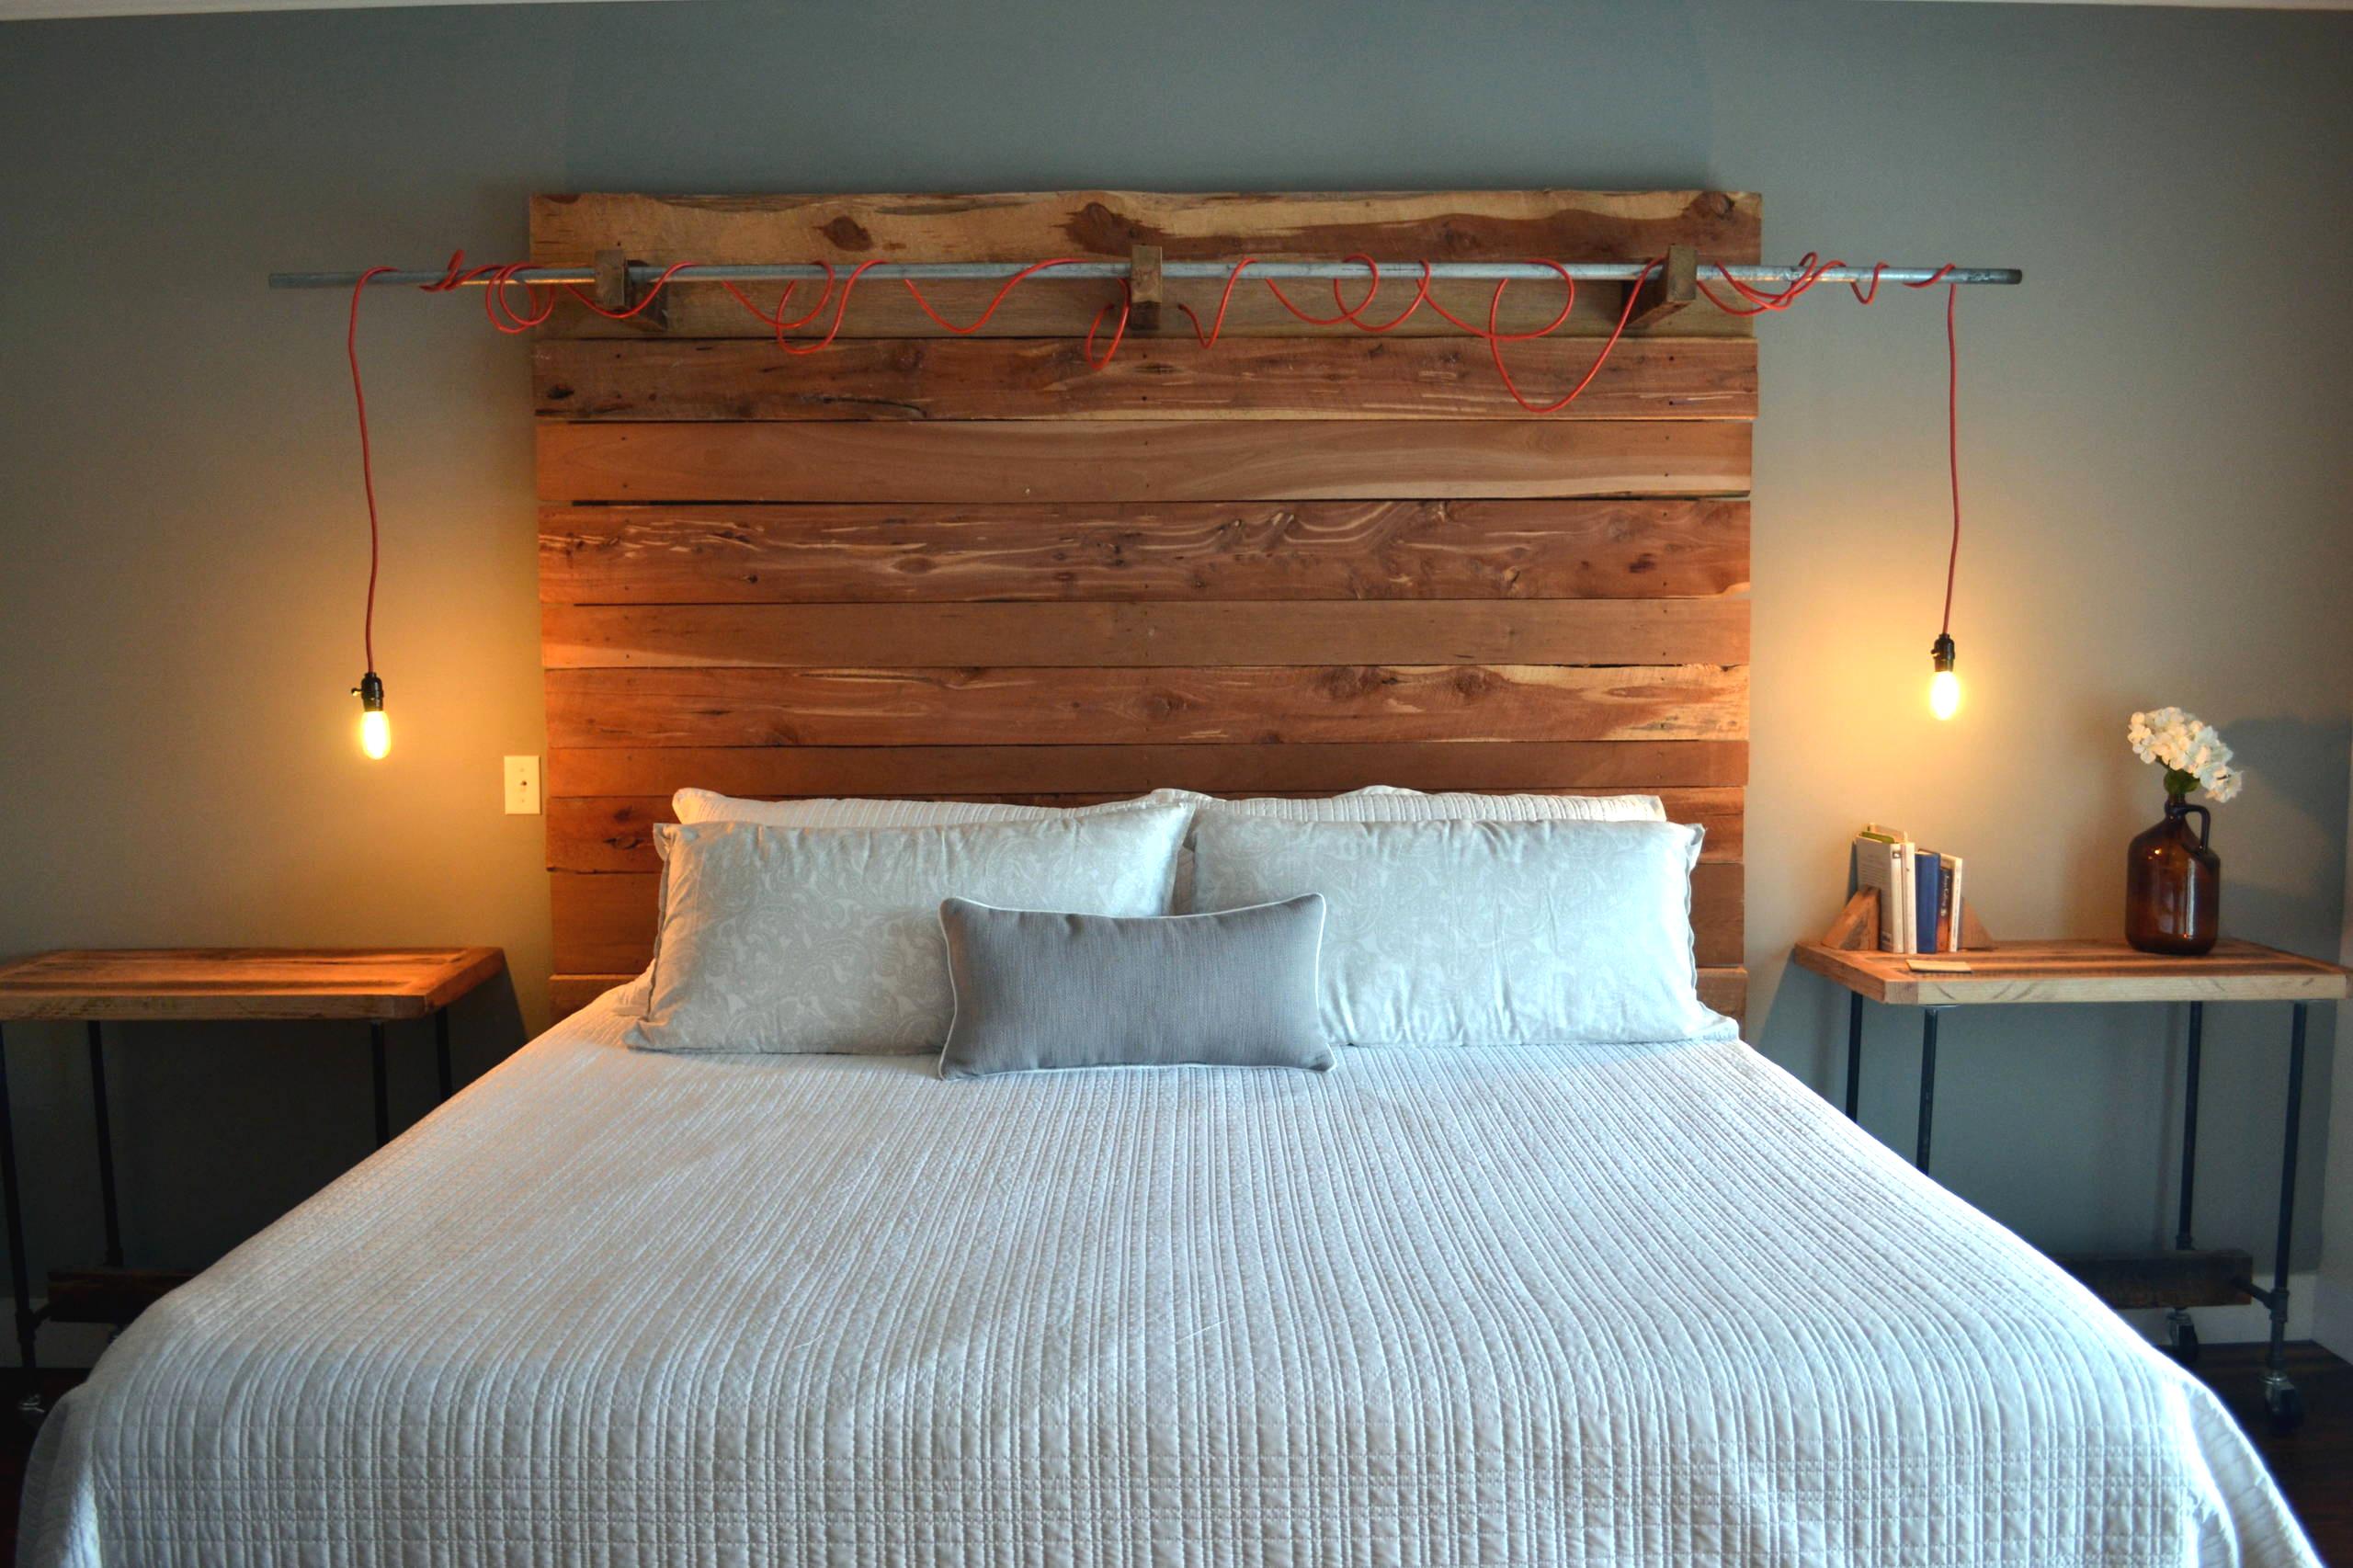 Une lampe insolite montée sur une tête de lit en bois